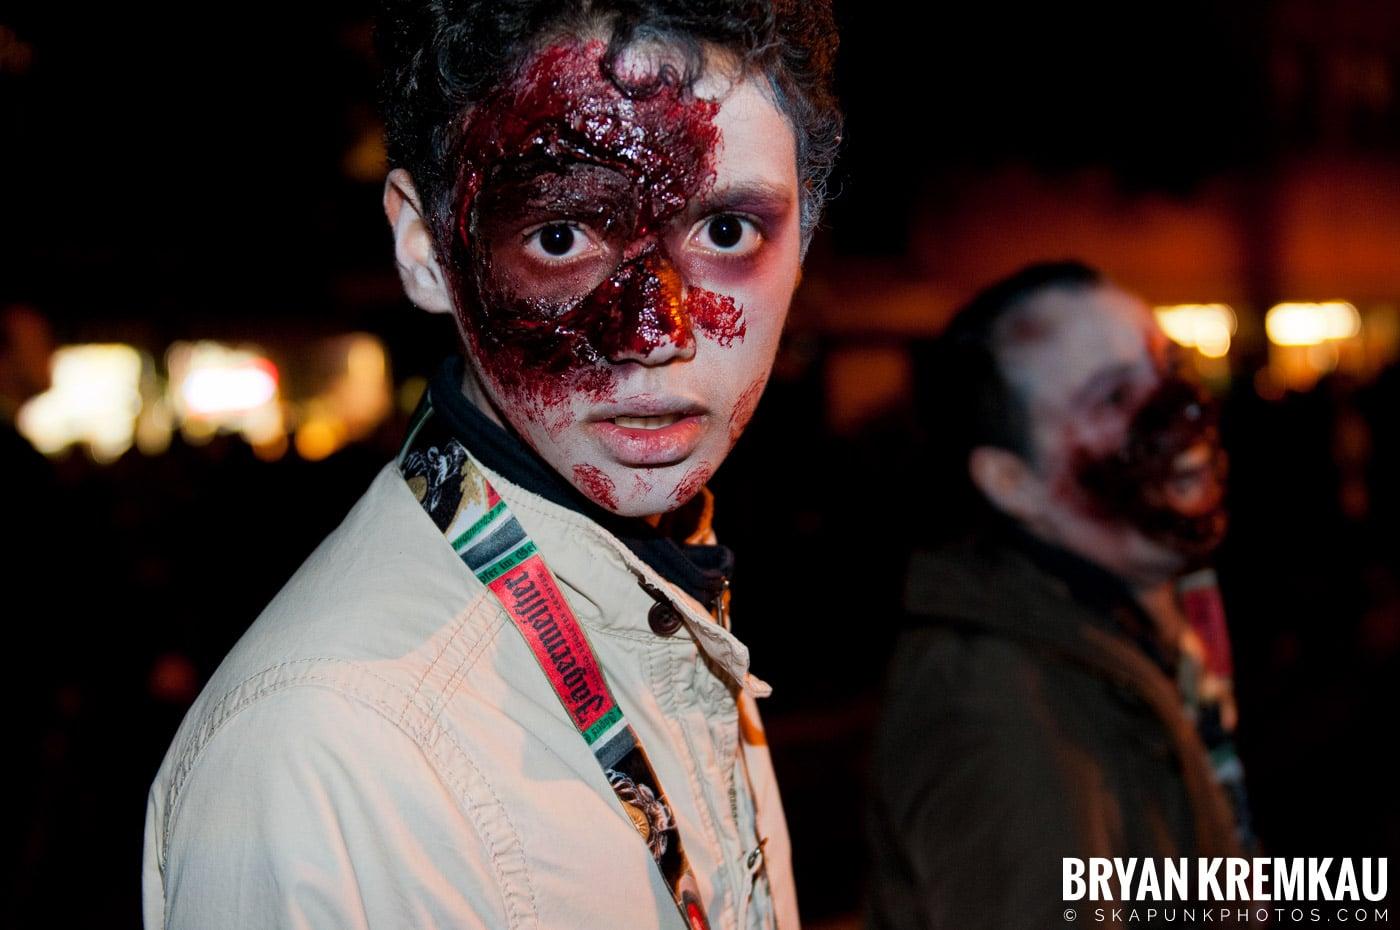 NYC Halloween Parade 2011 @ New York, NY - 10.31.11 (33)